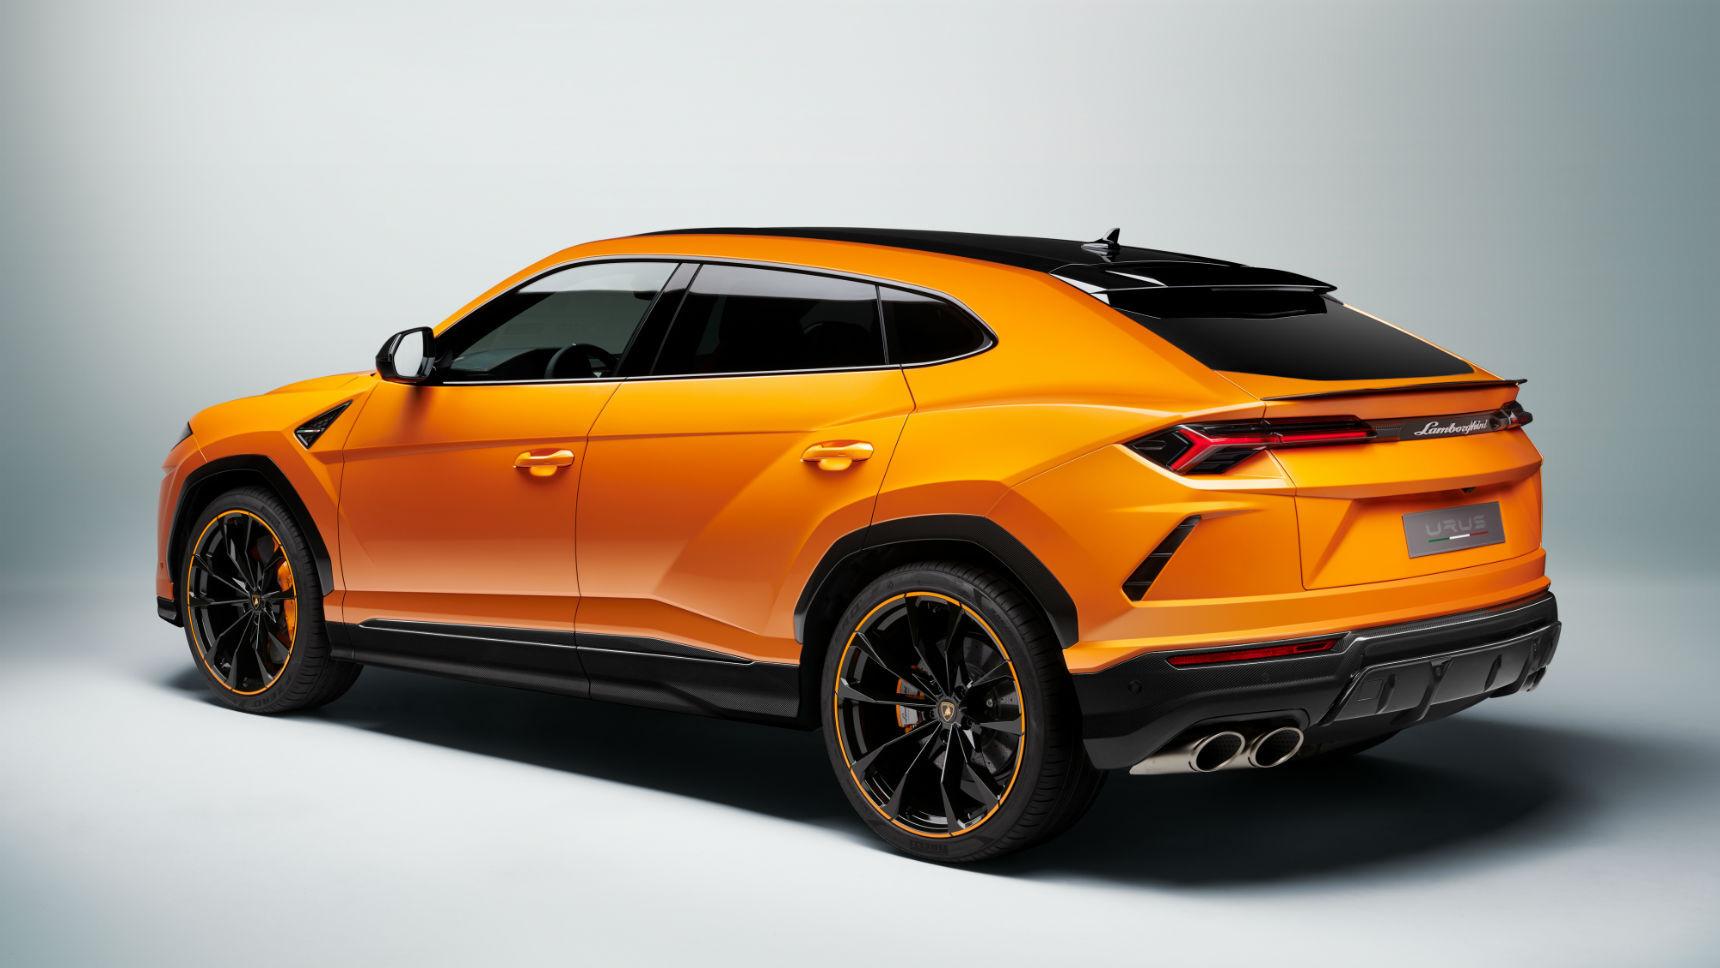 Lamborghini Urus получил «жемчужную капсулу»